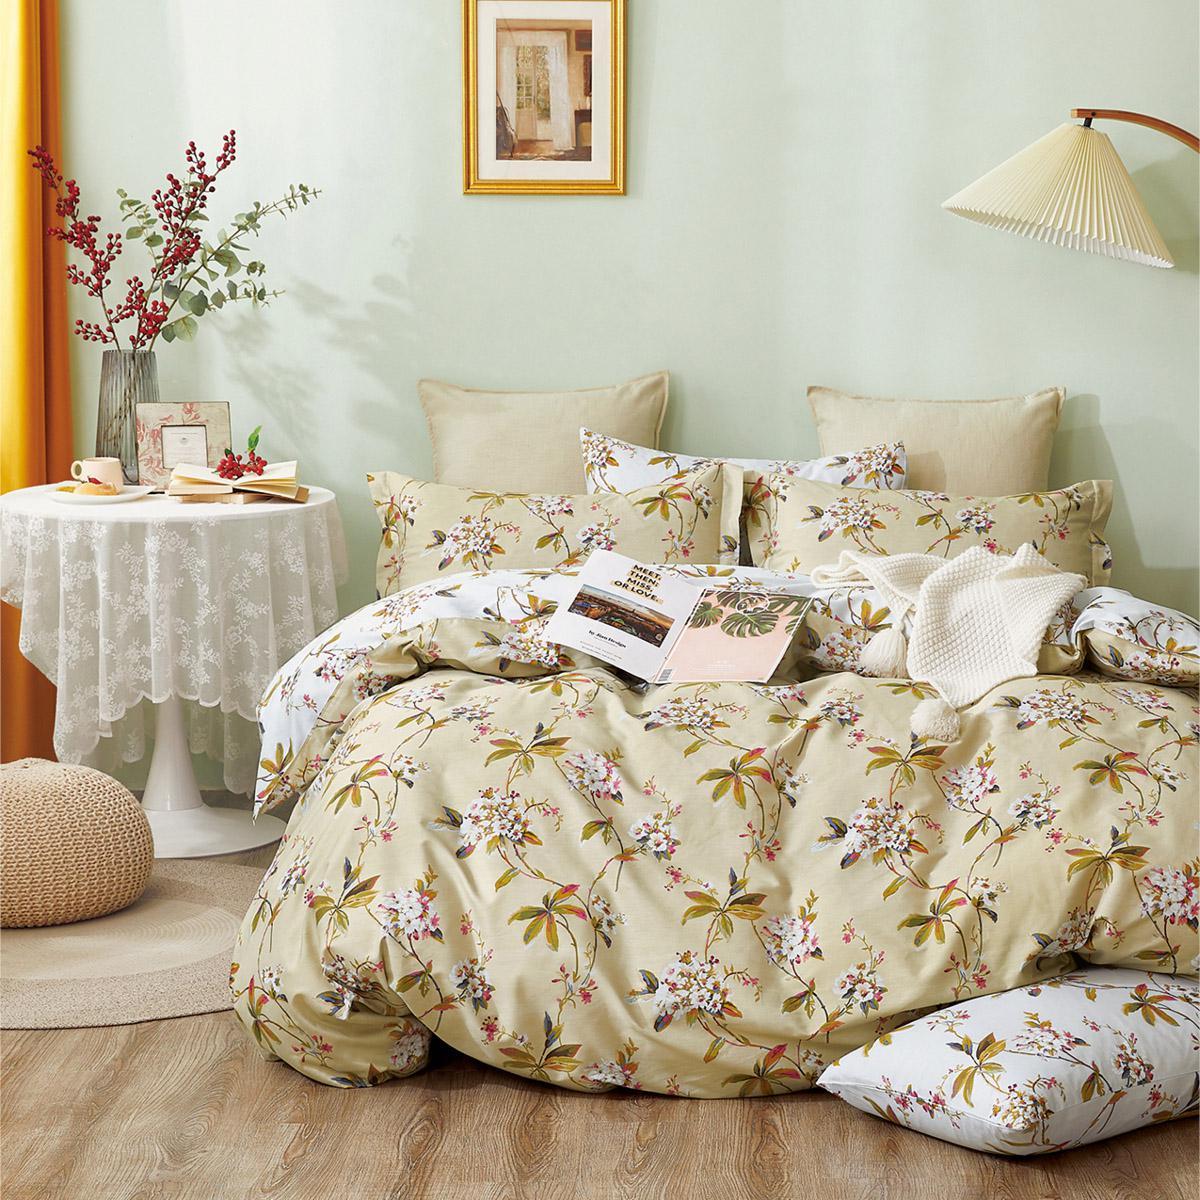 Σετ παπλωματοθήκη υπέρδιπλη Art 11020 Thorold 220×240 Εμπριμέ Beauty Home